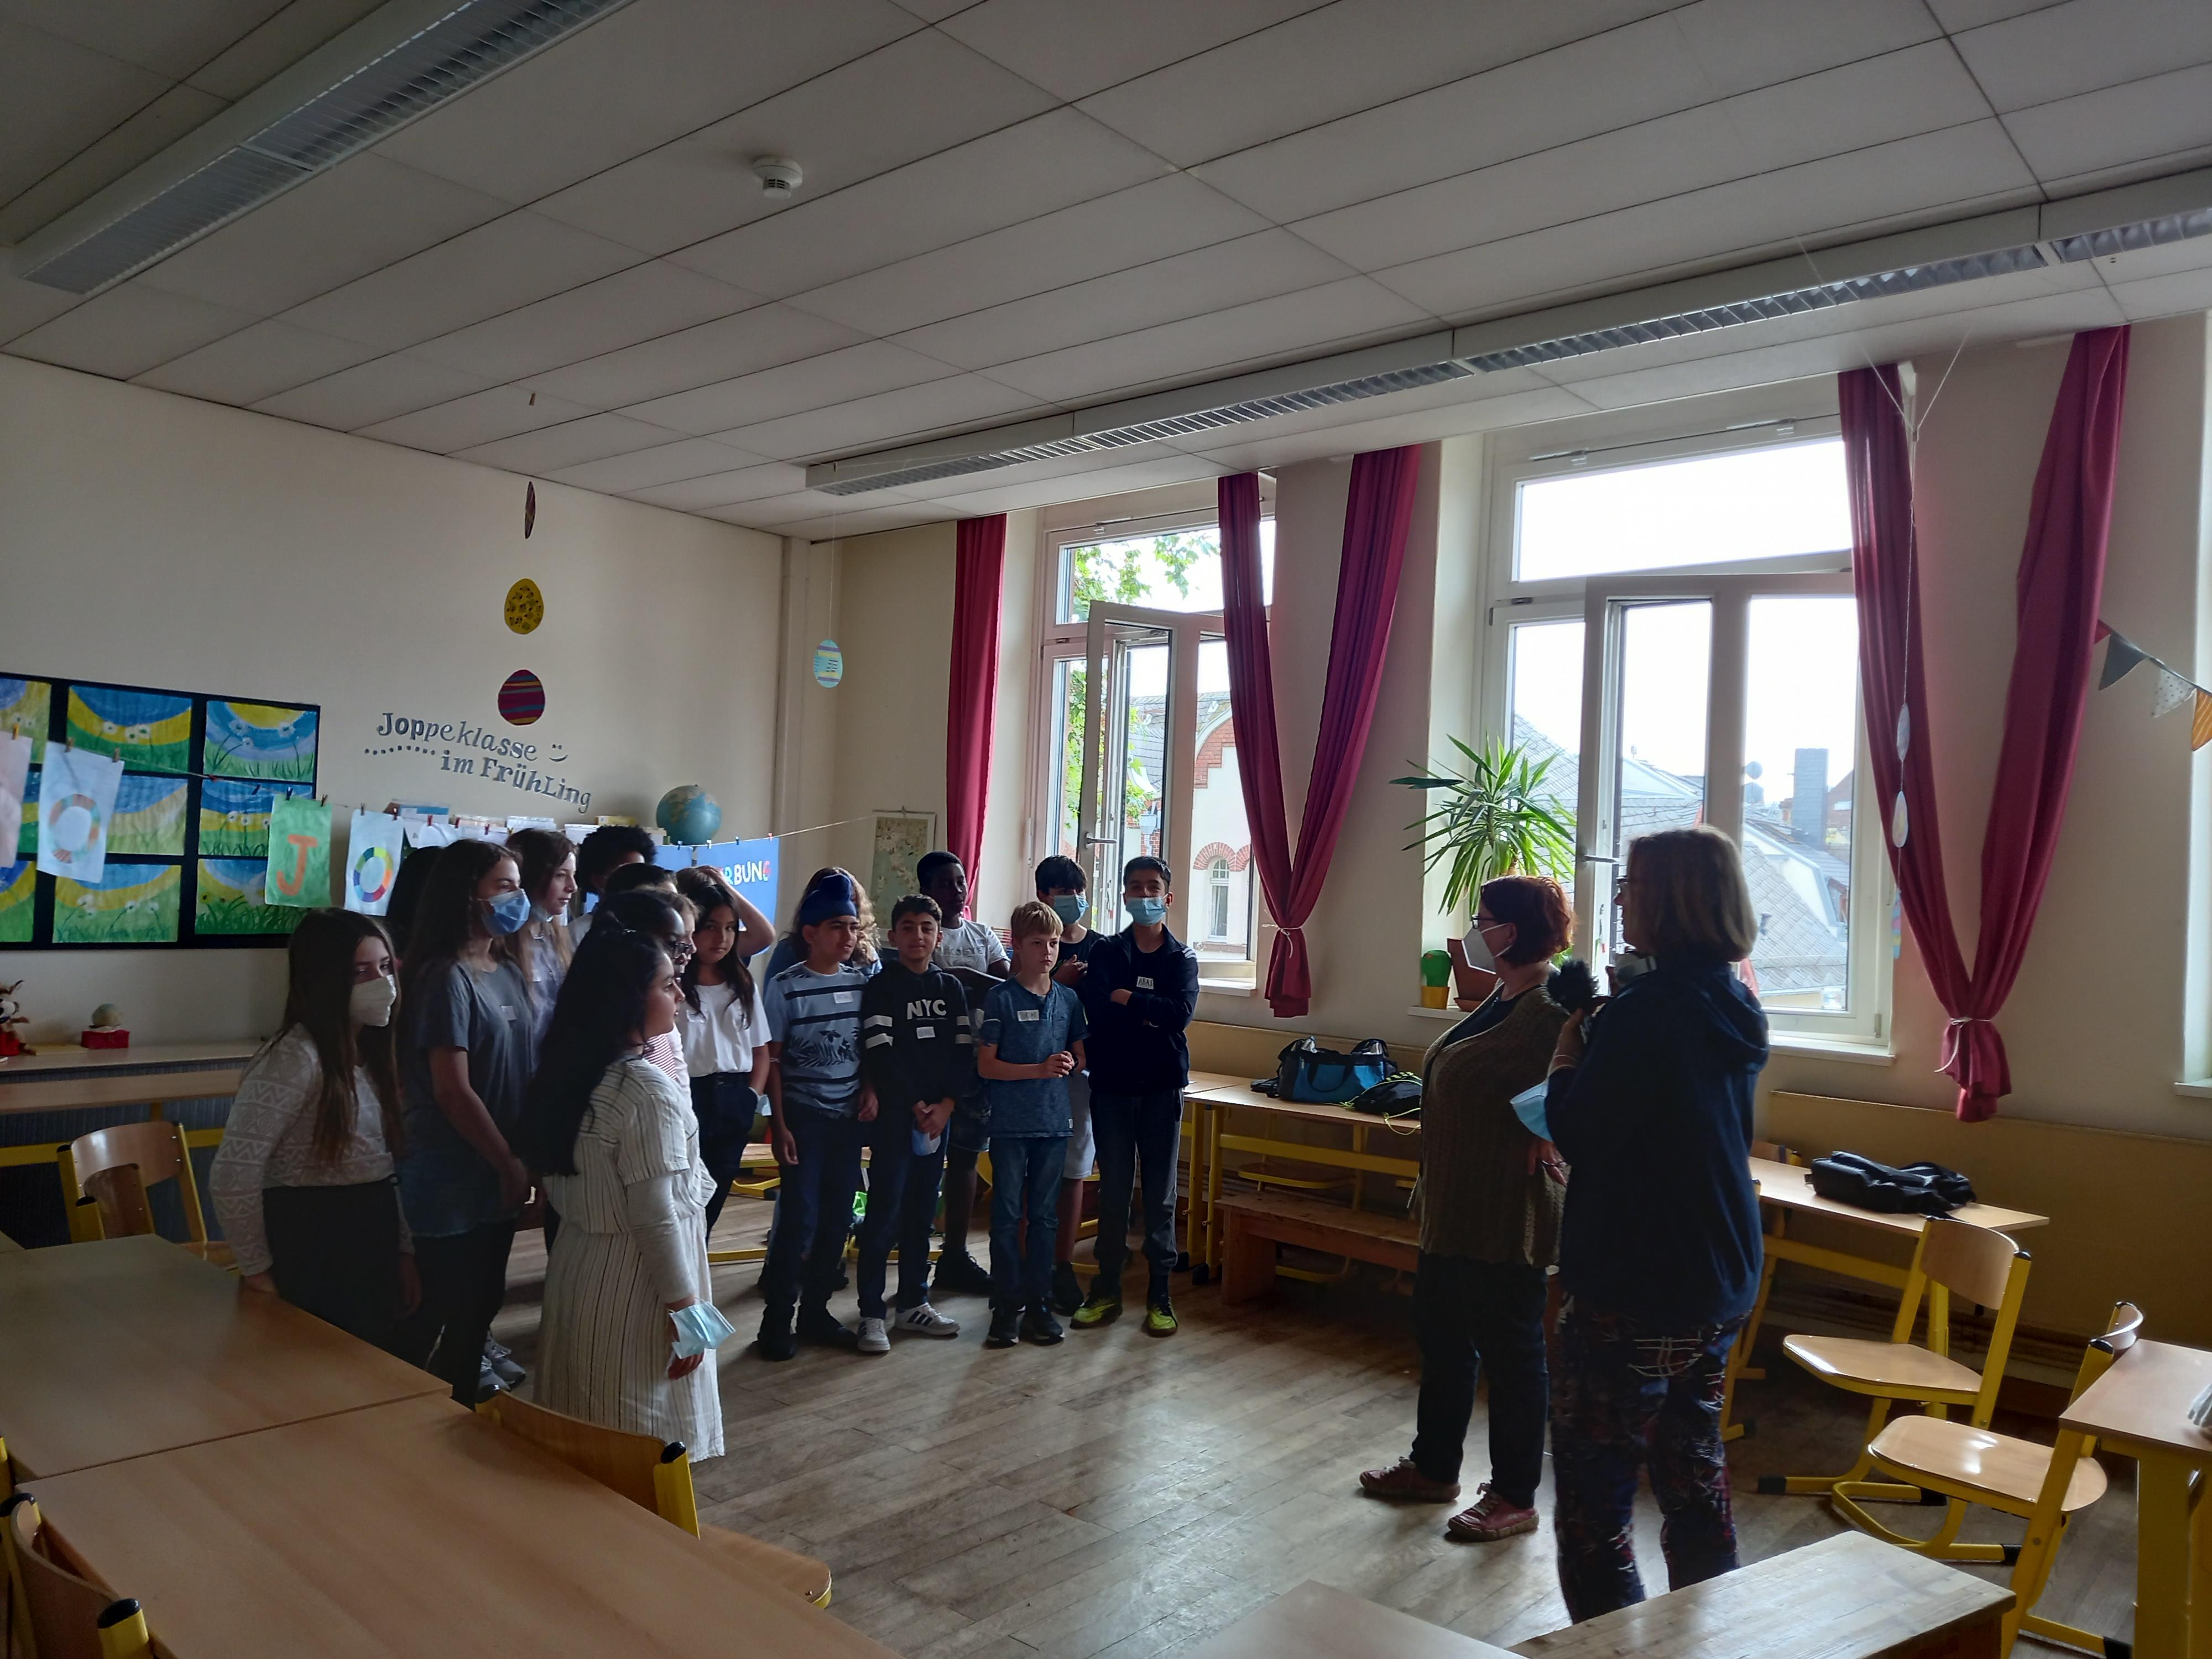 Gruppe von Schülerinnen, Schülern und Lehrerinnen im Klassenraum